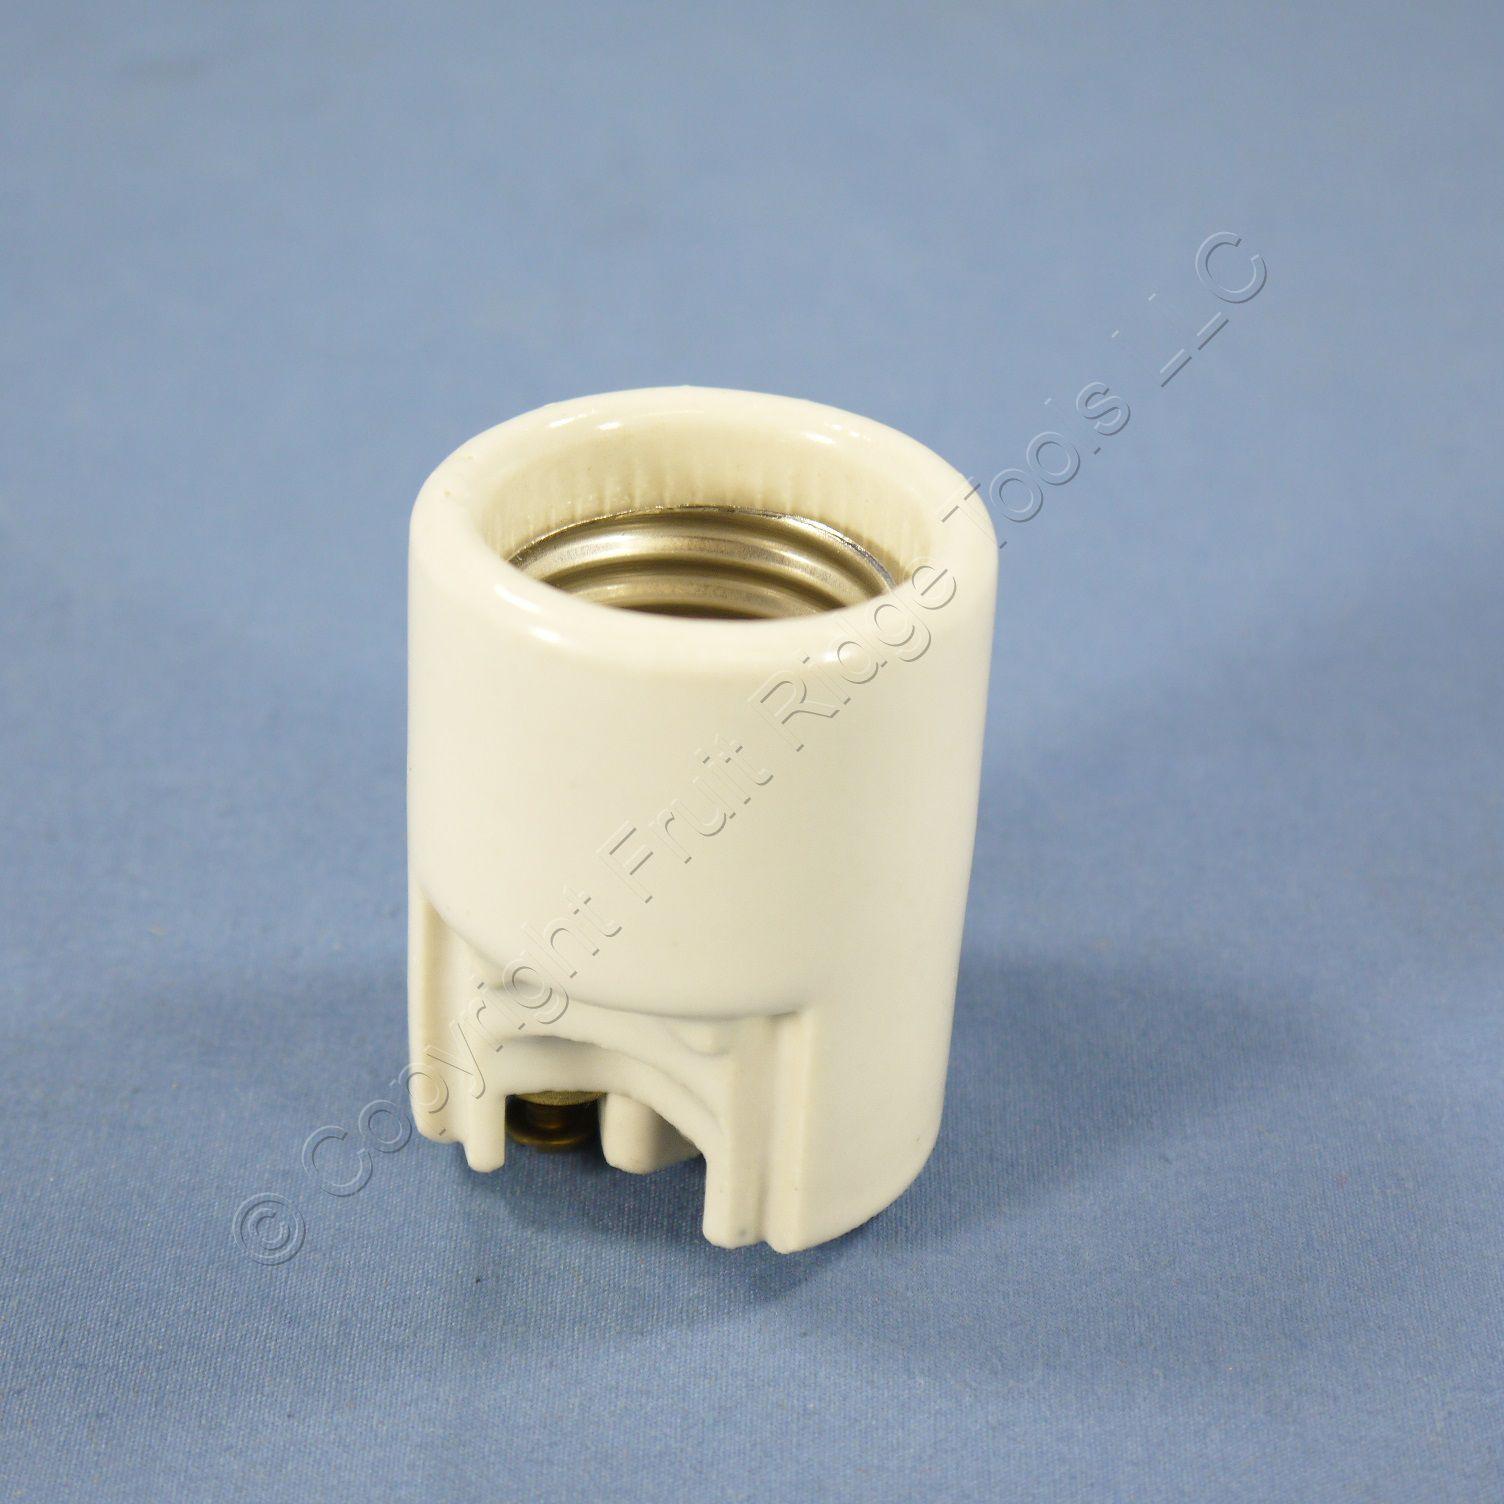 Ceramic Light Socket : Leviton porcelain side outlet lampholder light socket